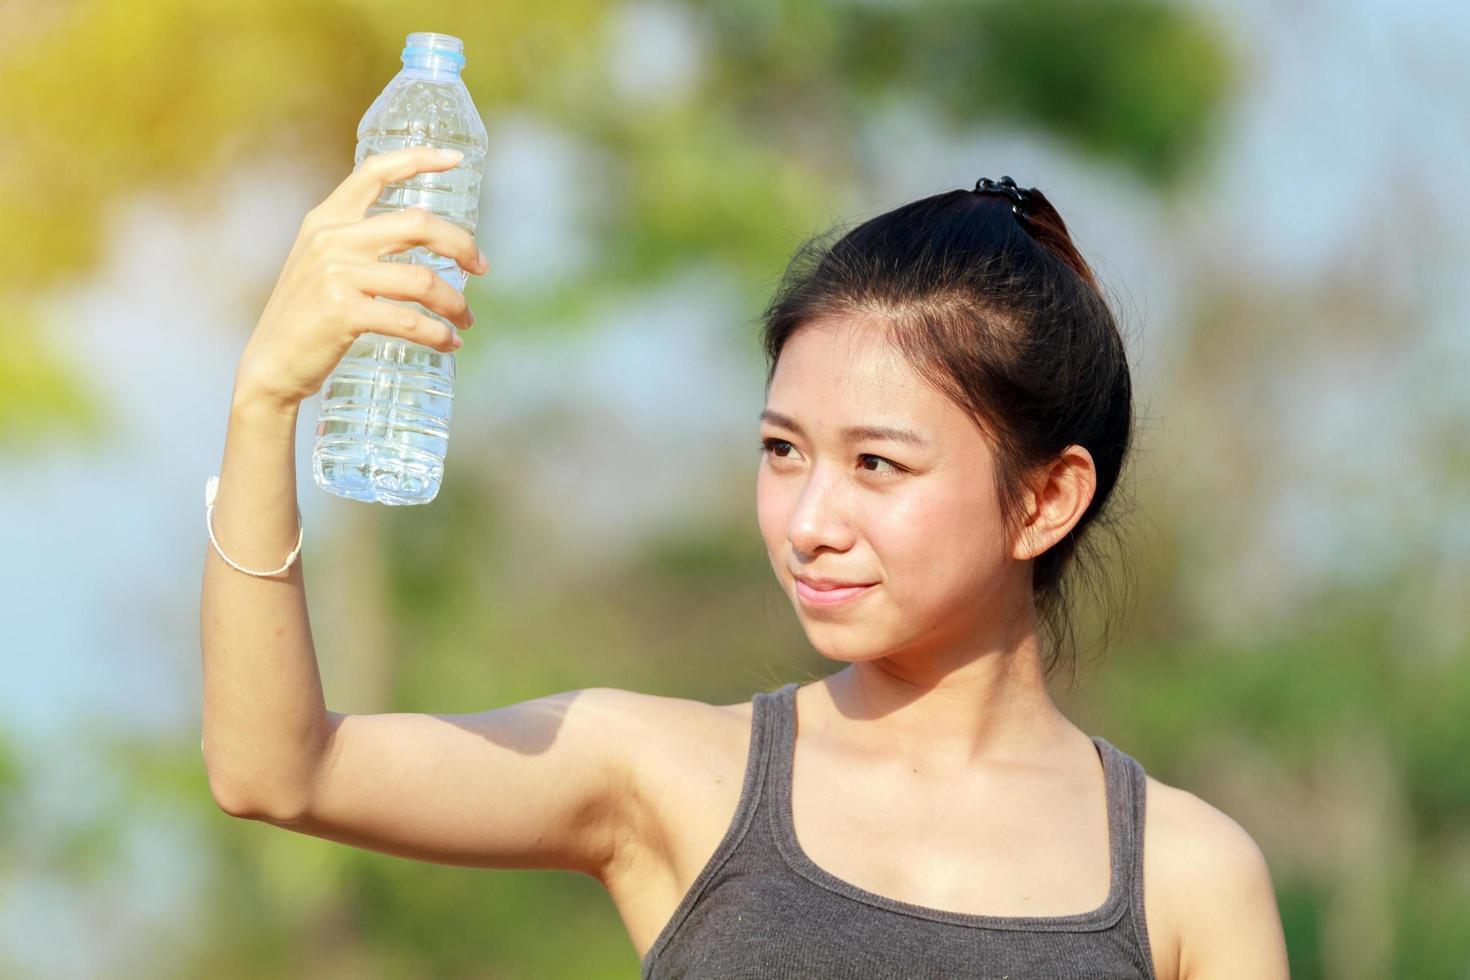 femme sportive, eau potable, journée ensoleillée photo